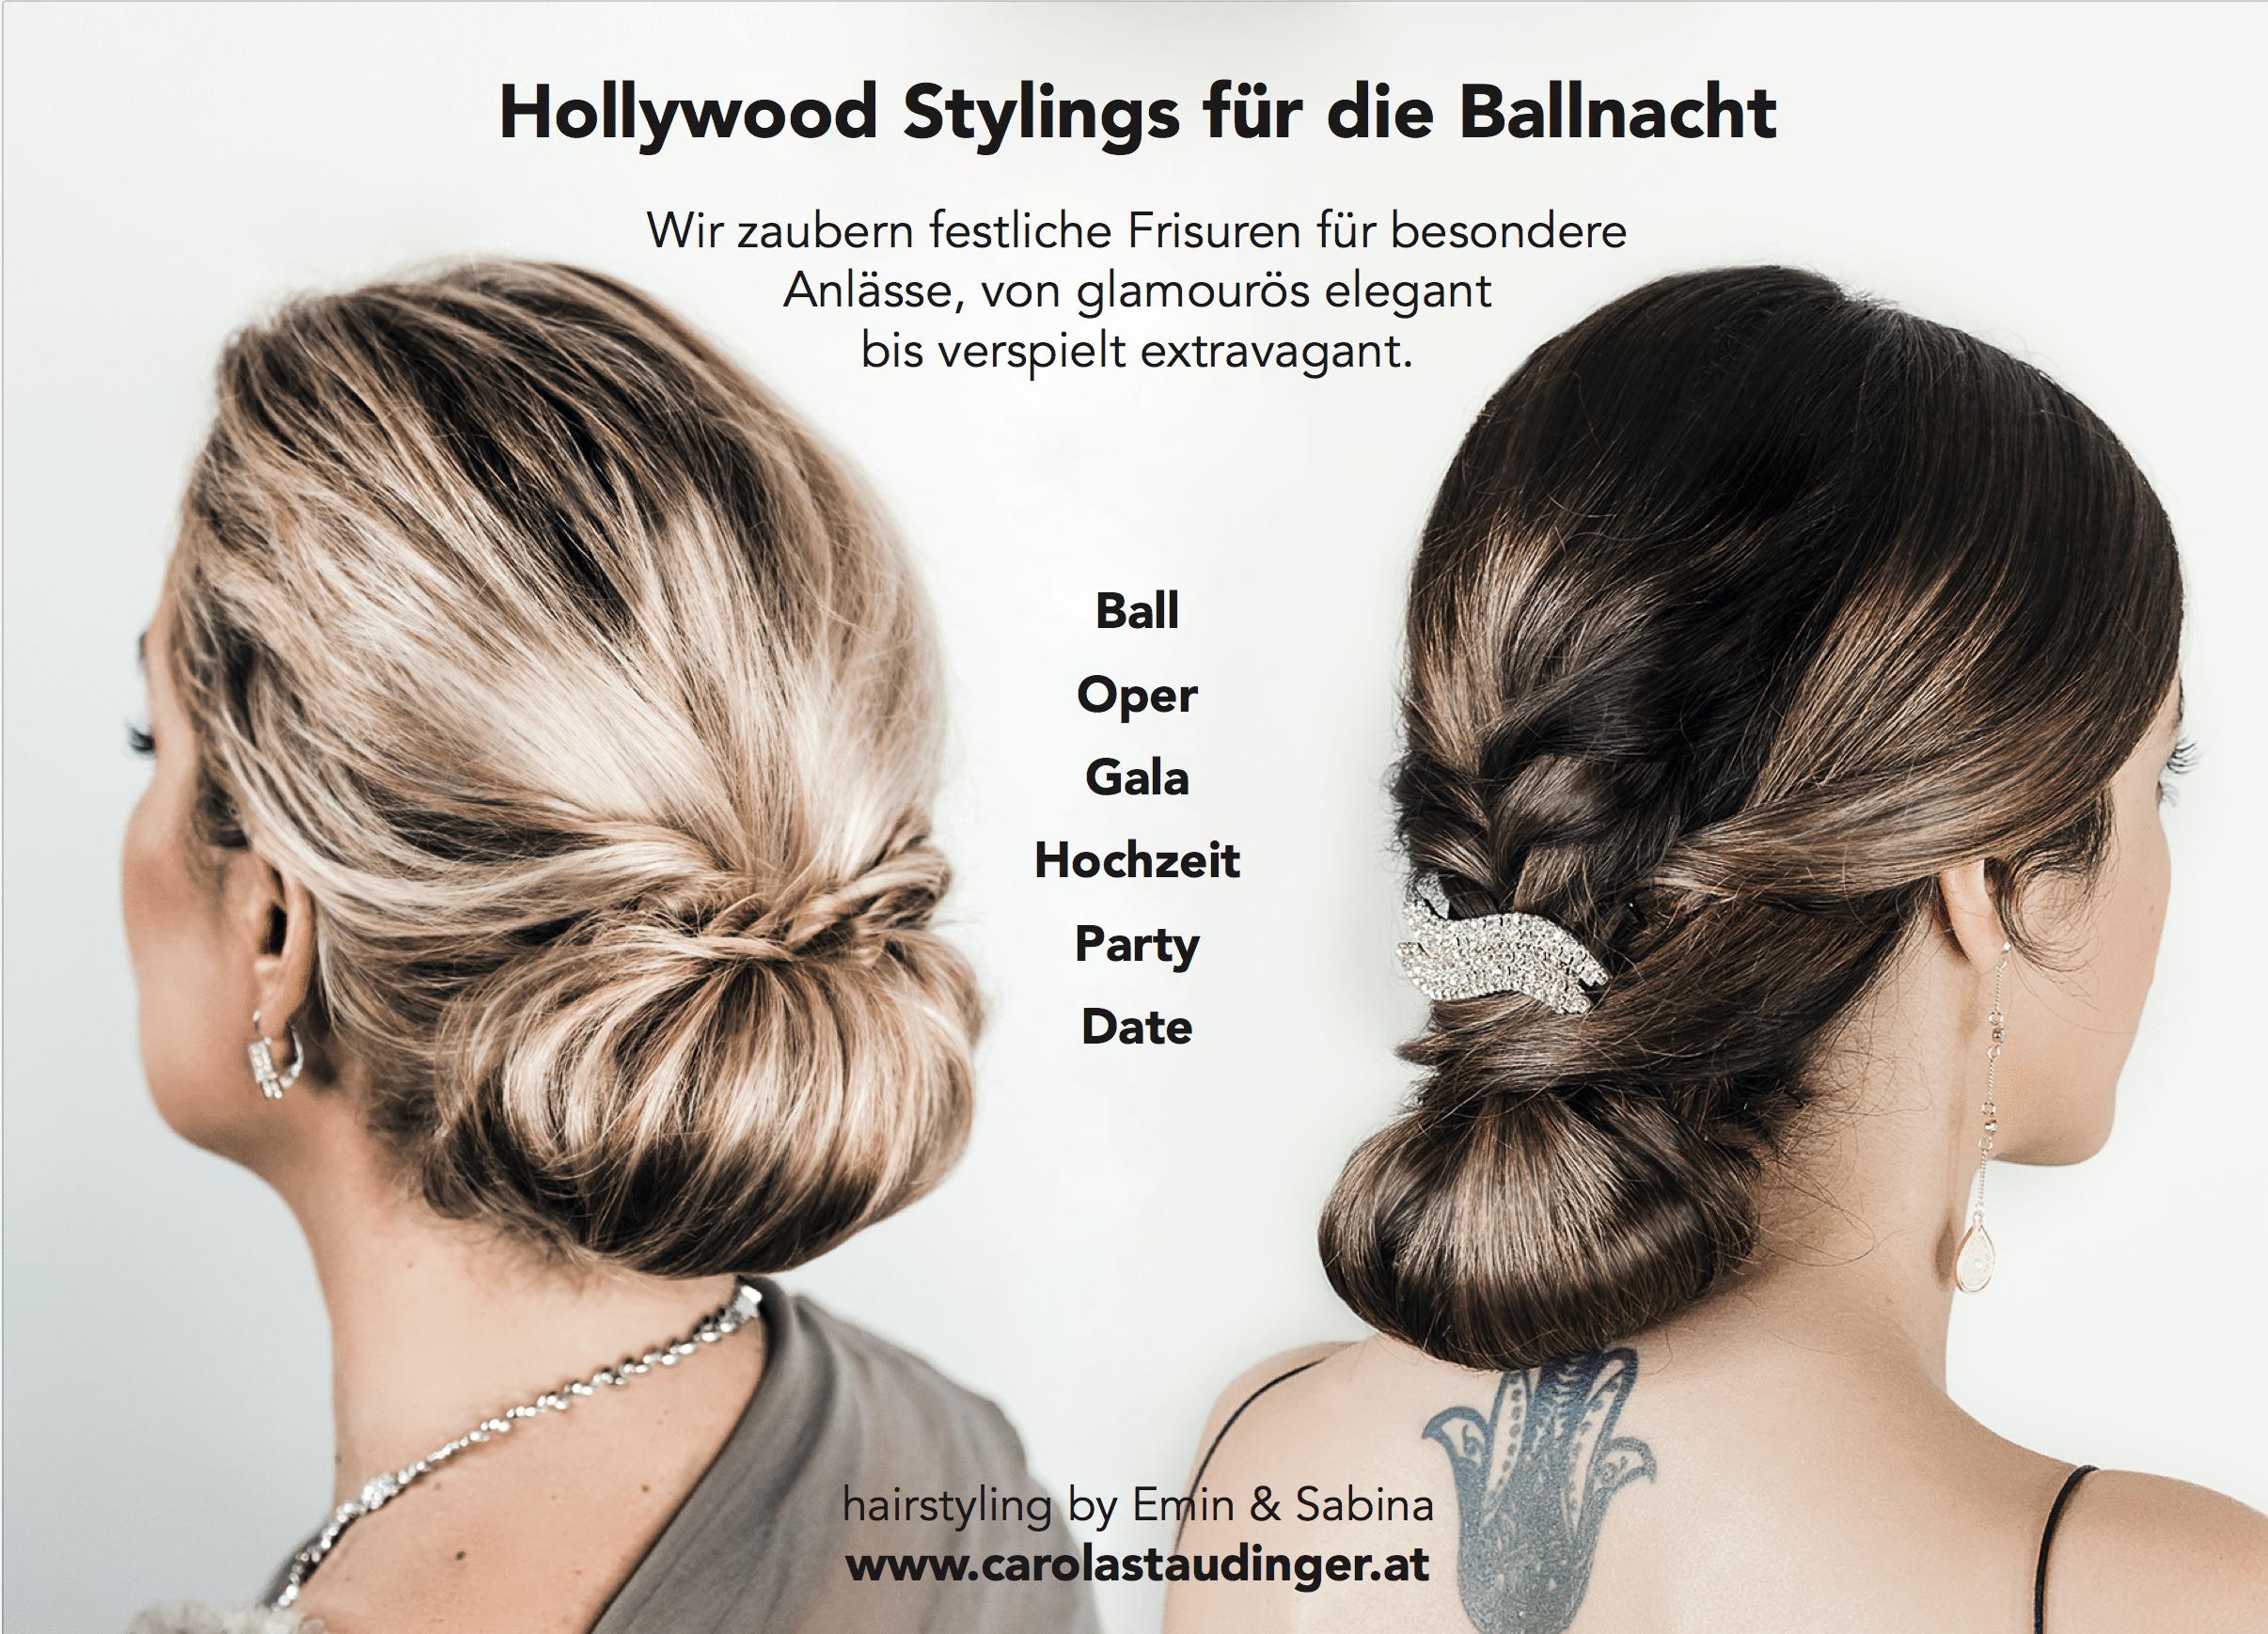 Carola Claudia Staudinger Hair Salon & Spa Wir zaubern festliche Frisuren für besondere Anlässe, von glamourös elegant bis verspielt extravagant.